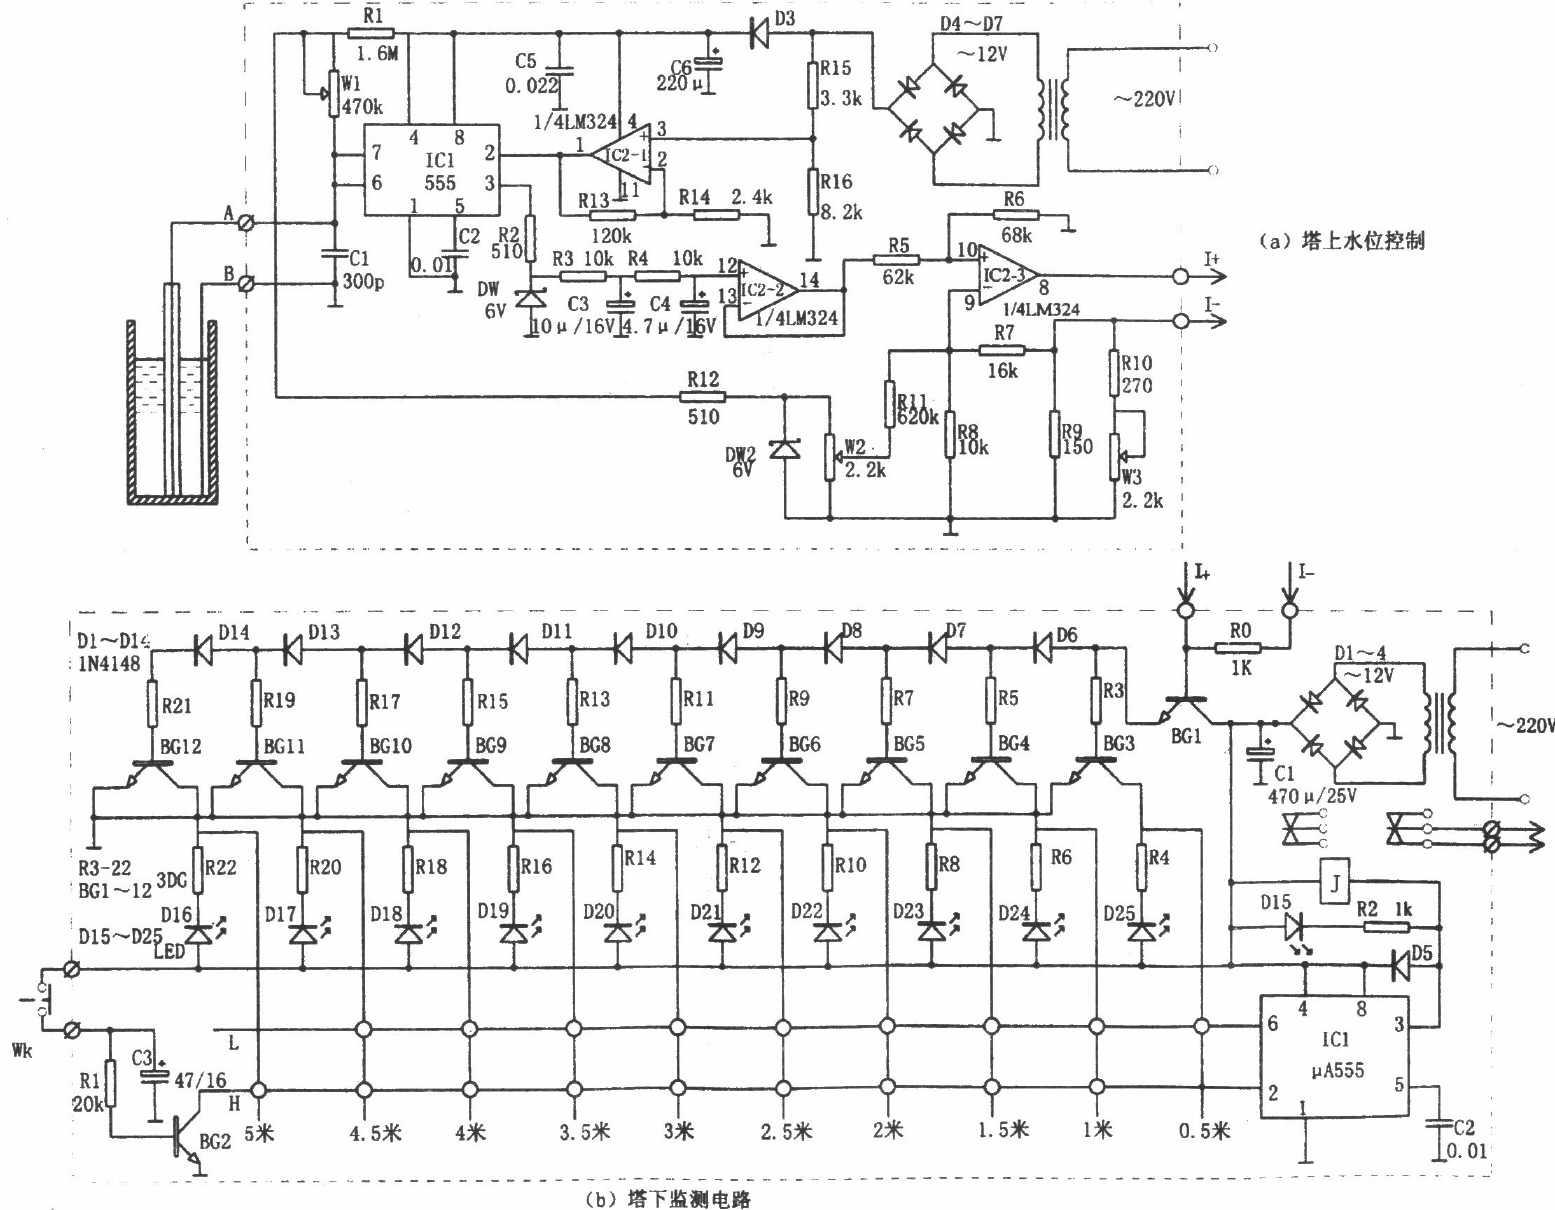 水塔水位有线遥测遥控装置-电路图-aet-北大中文核